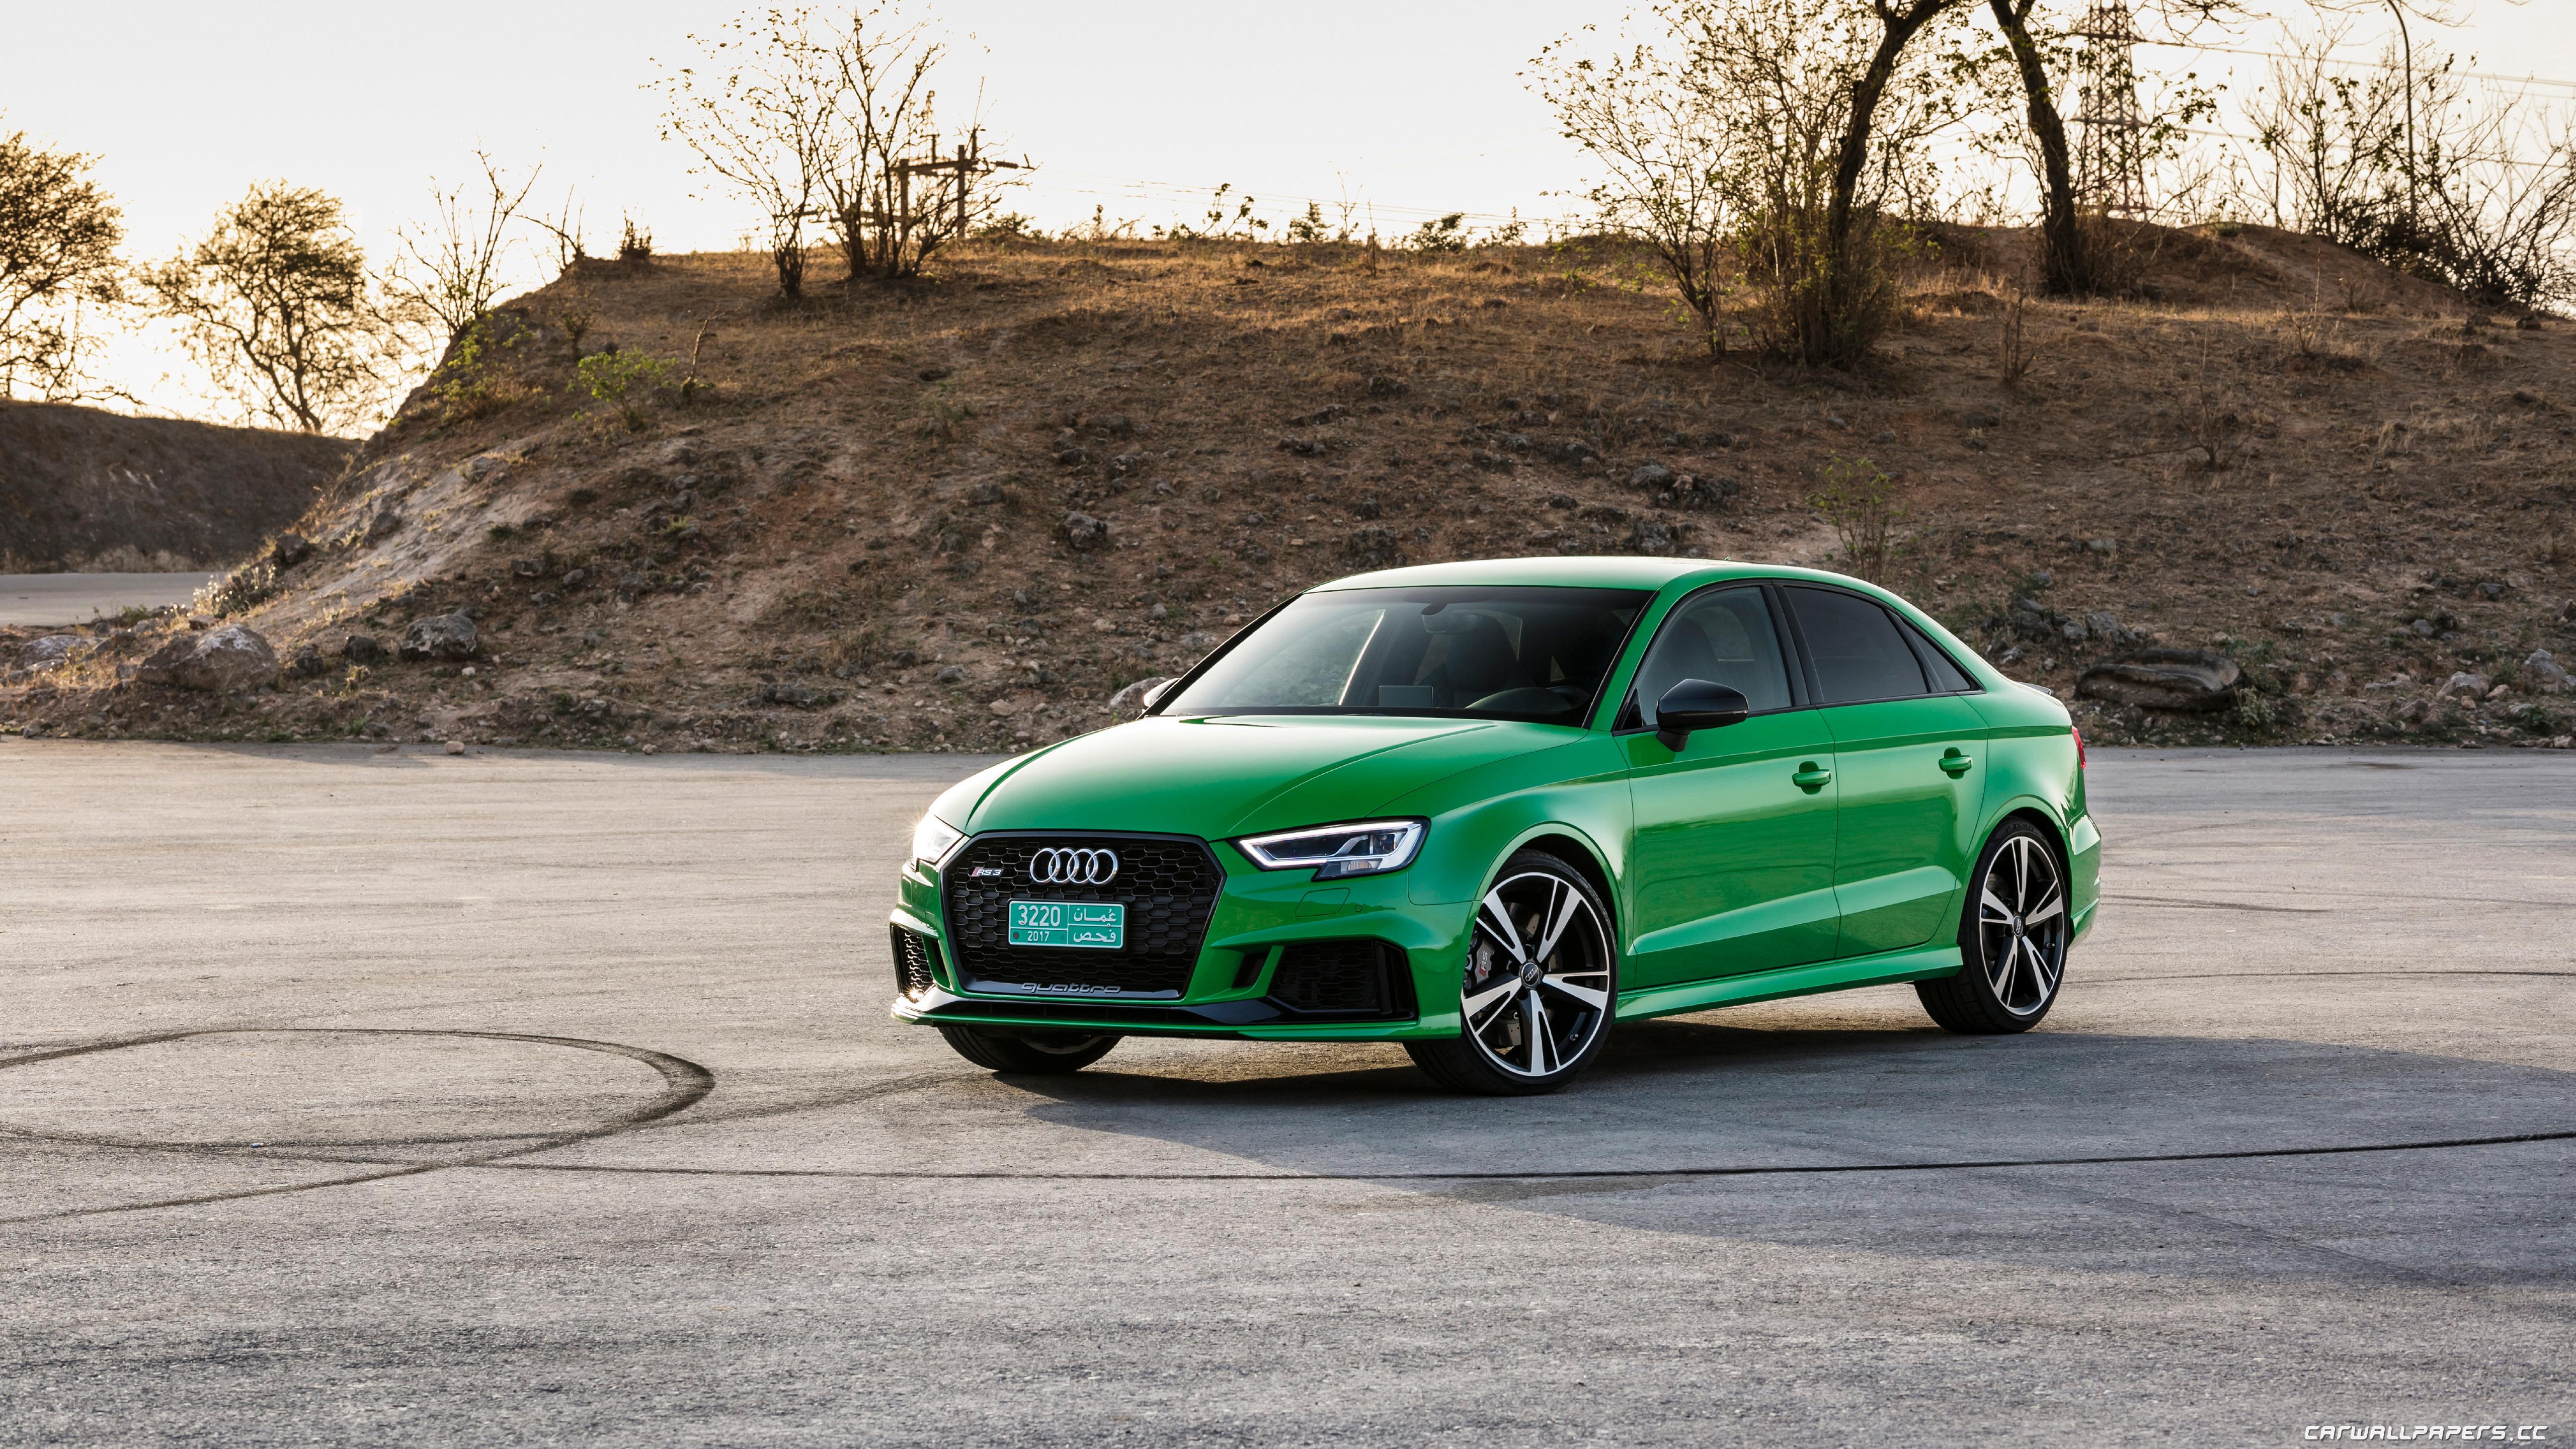 Cars Desktop Wallpapers Audi Rs3 Sedan 2017